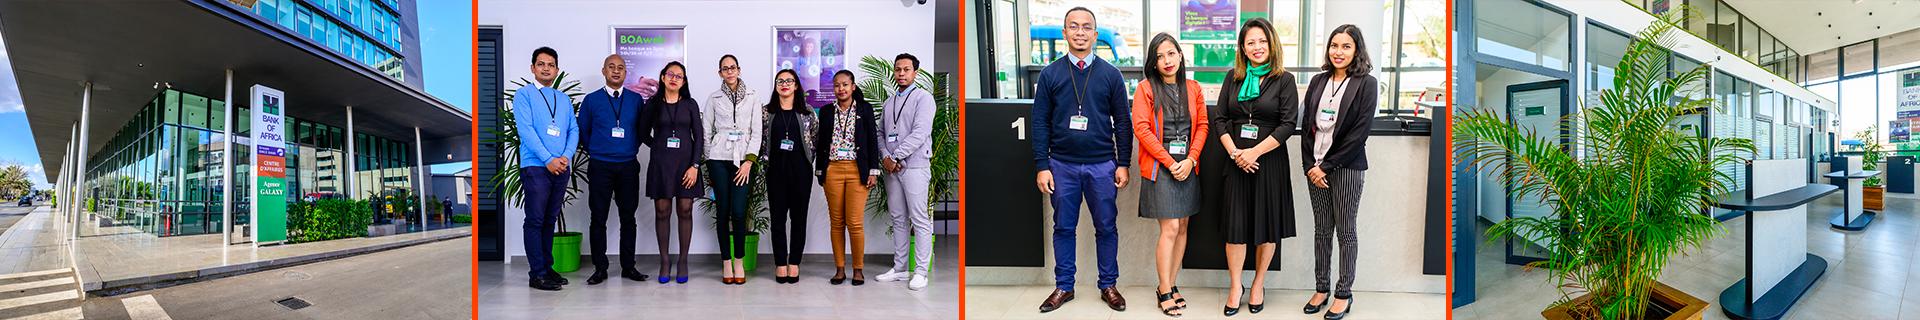 2 new branches at BOA-MADAGASCAR (15-09-2020)